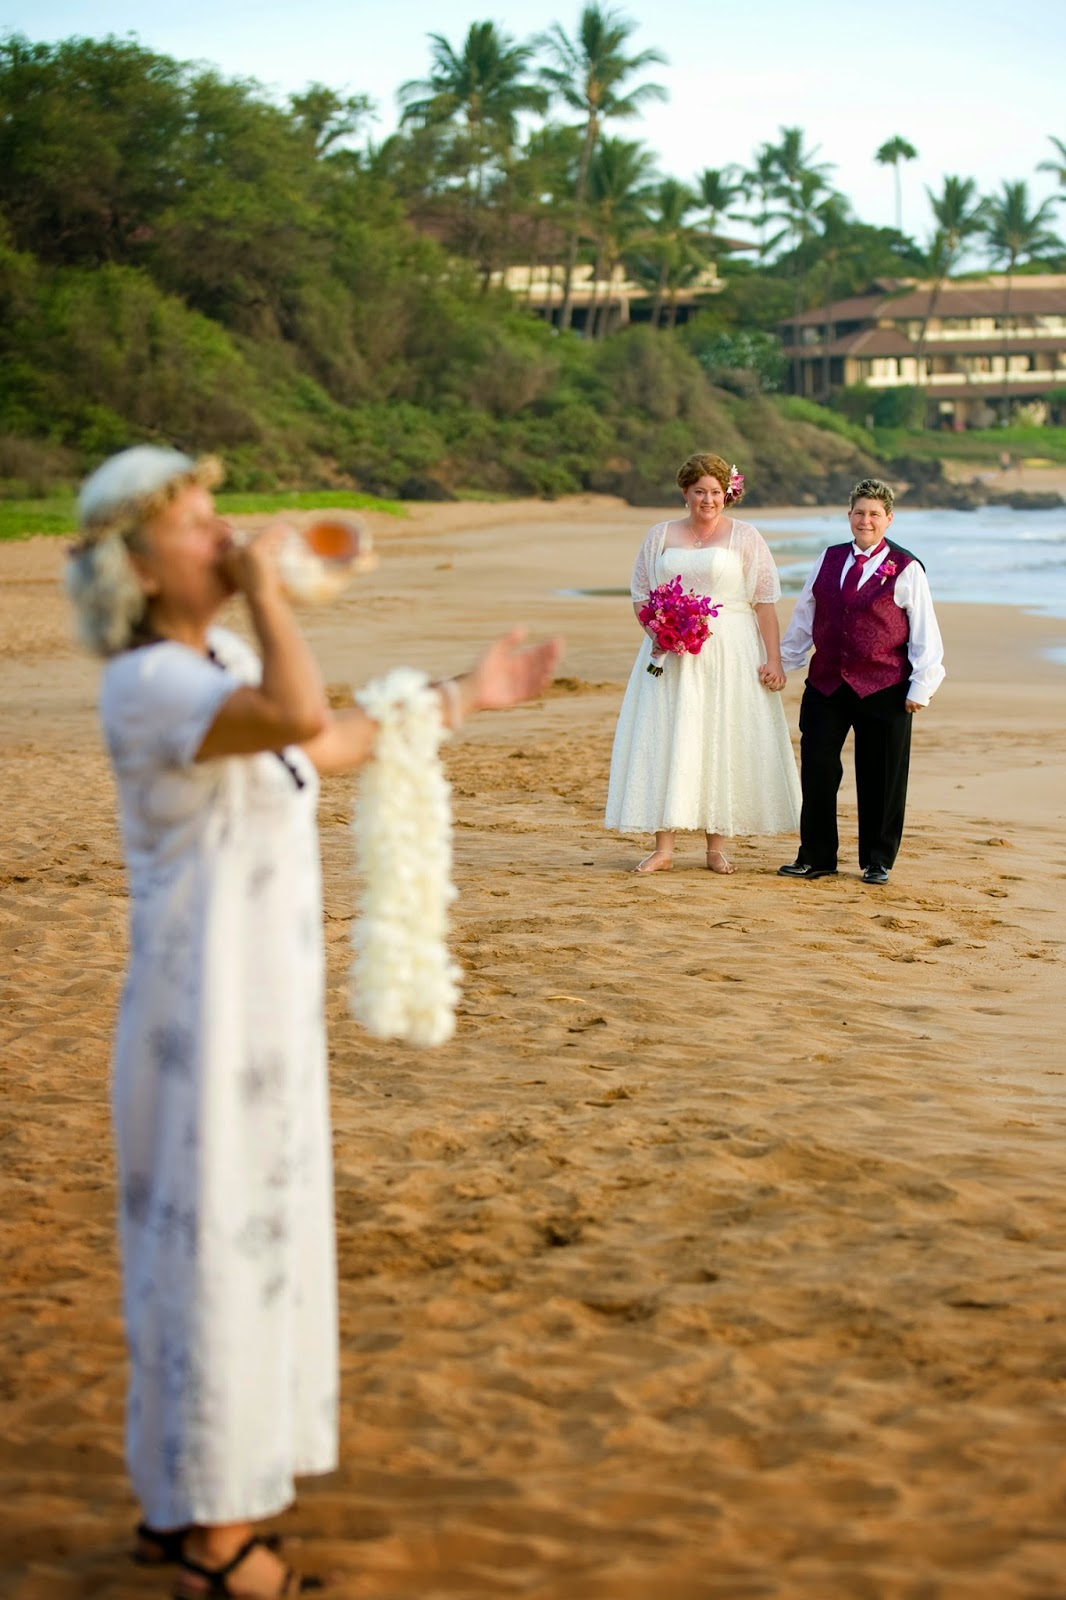 maui wedding planners, maui weddings, maui gay weddings, maui wedding photographers, maui wedding coordiantors